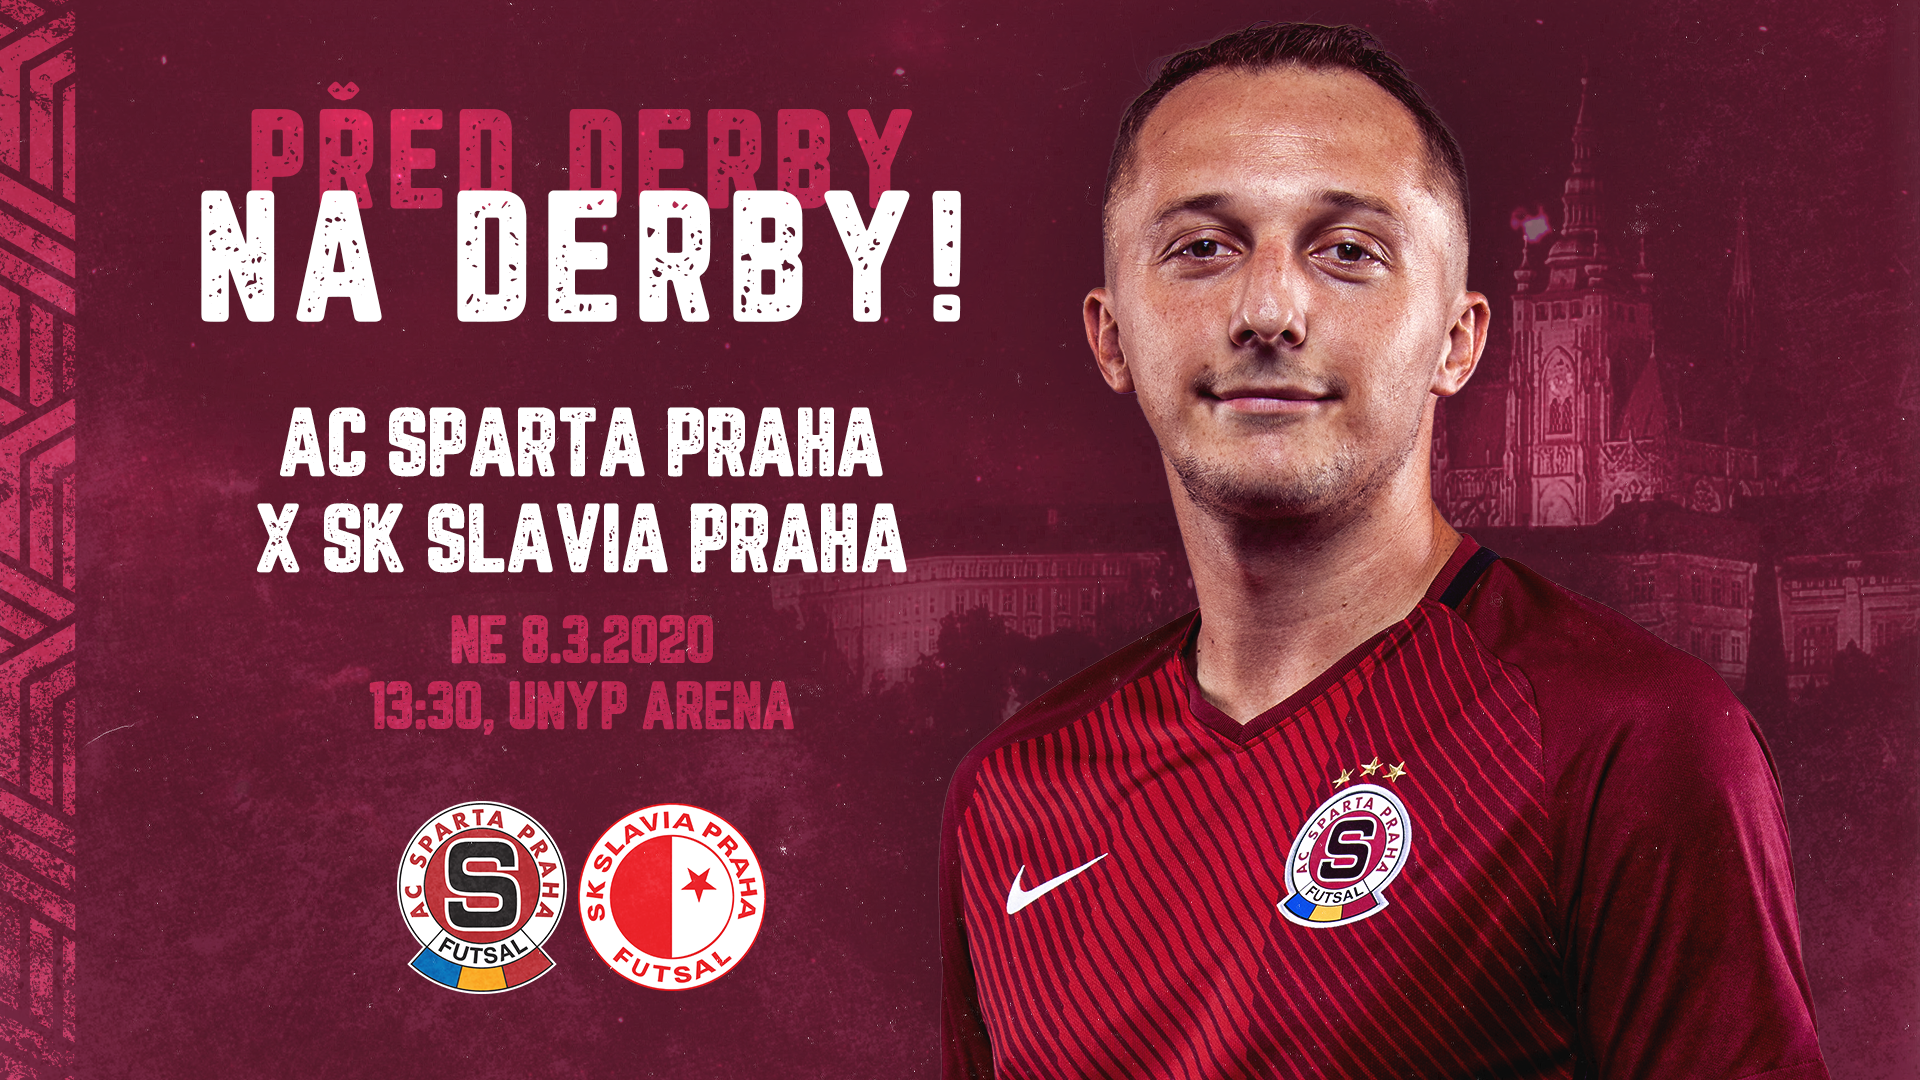 Před derby na derby! V neděli do UNYP Areny přijede Slavia